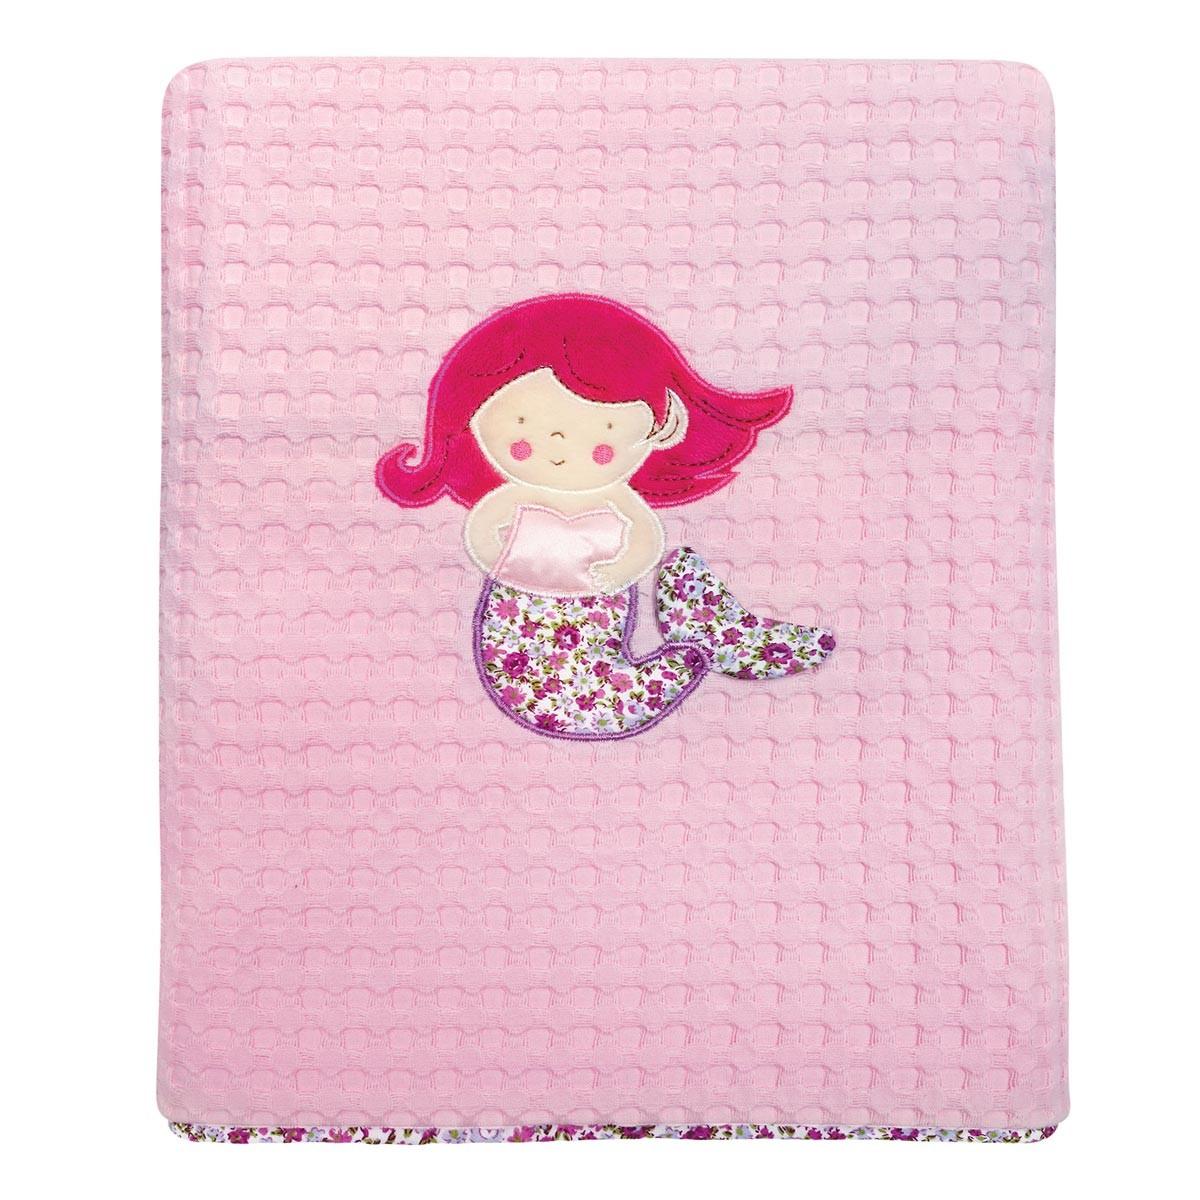 Κουβέρτα Πικέ Κούνιας Das Home Dream Embroidery 6395 66798